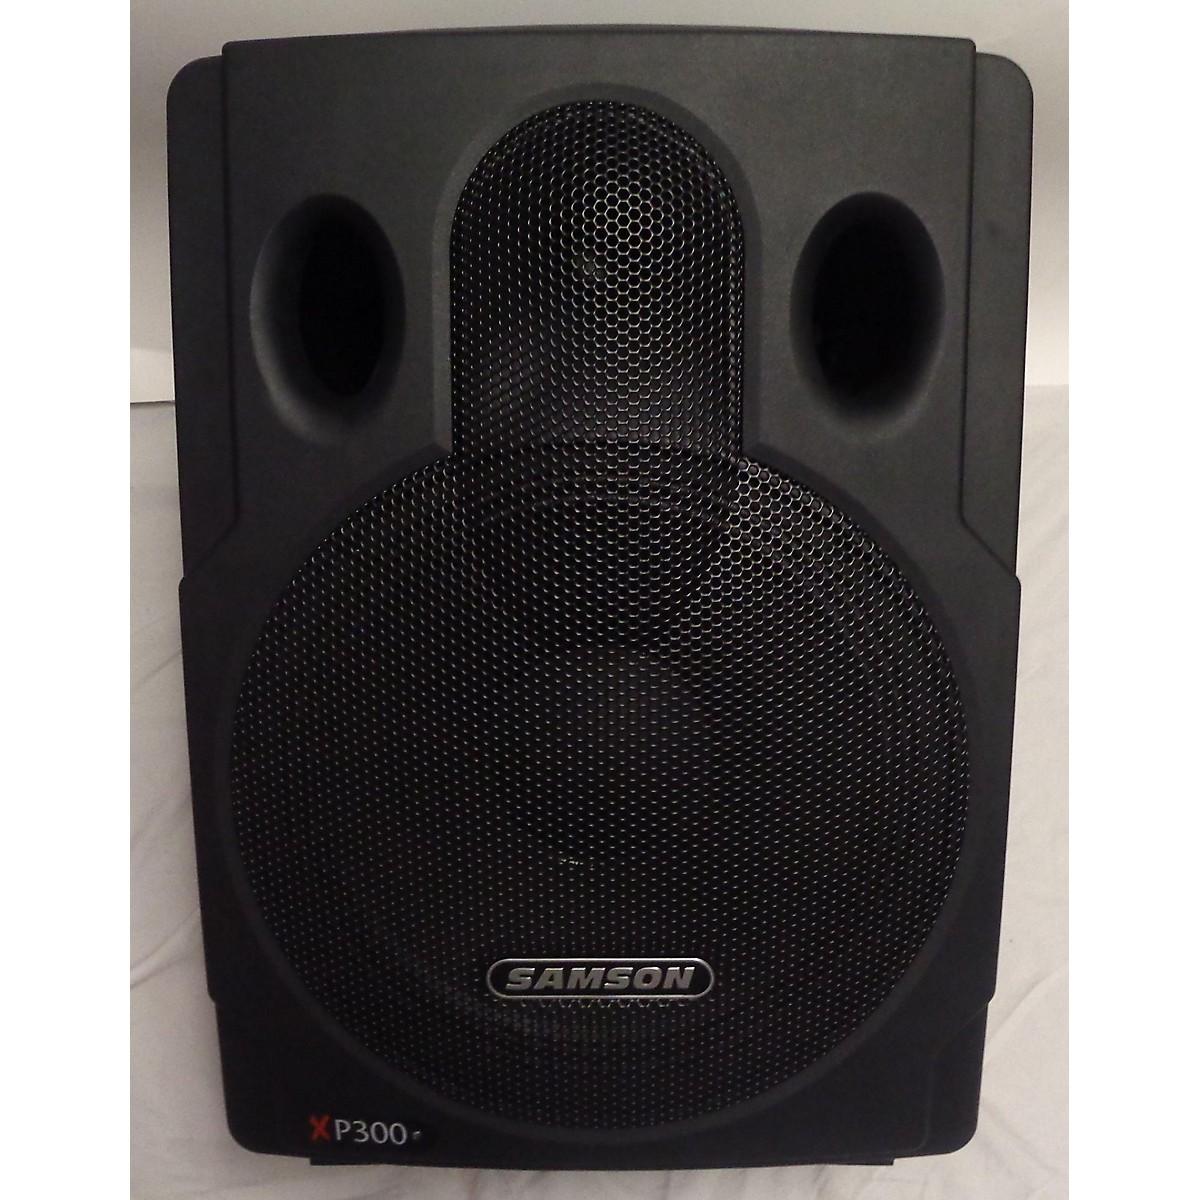 Samson XP300 Powered Speaker